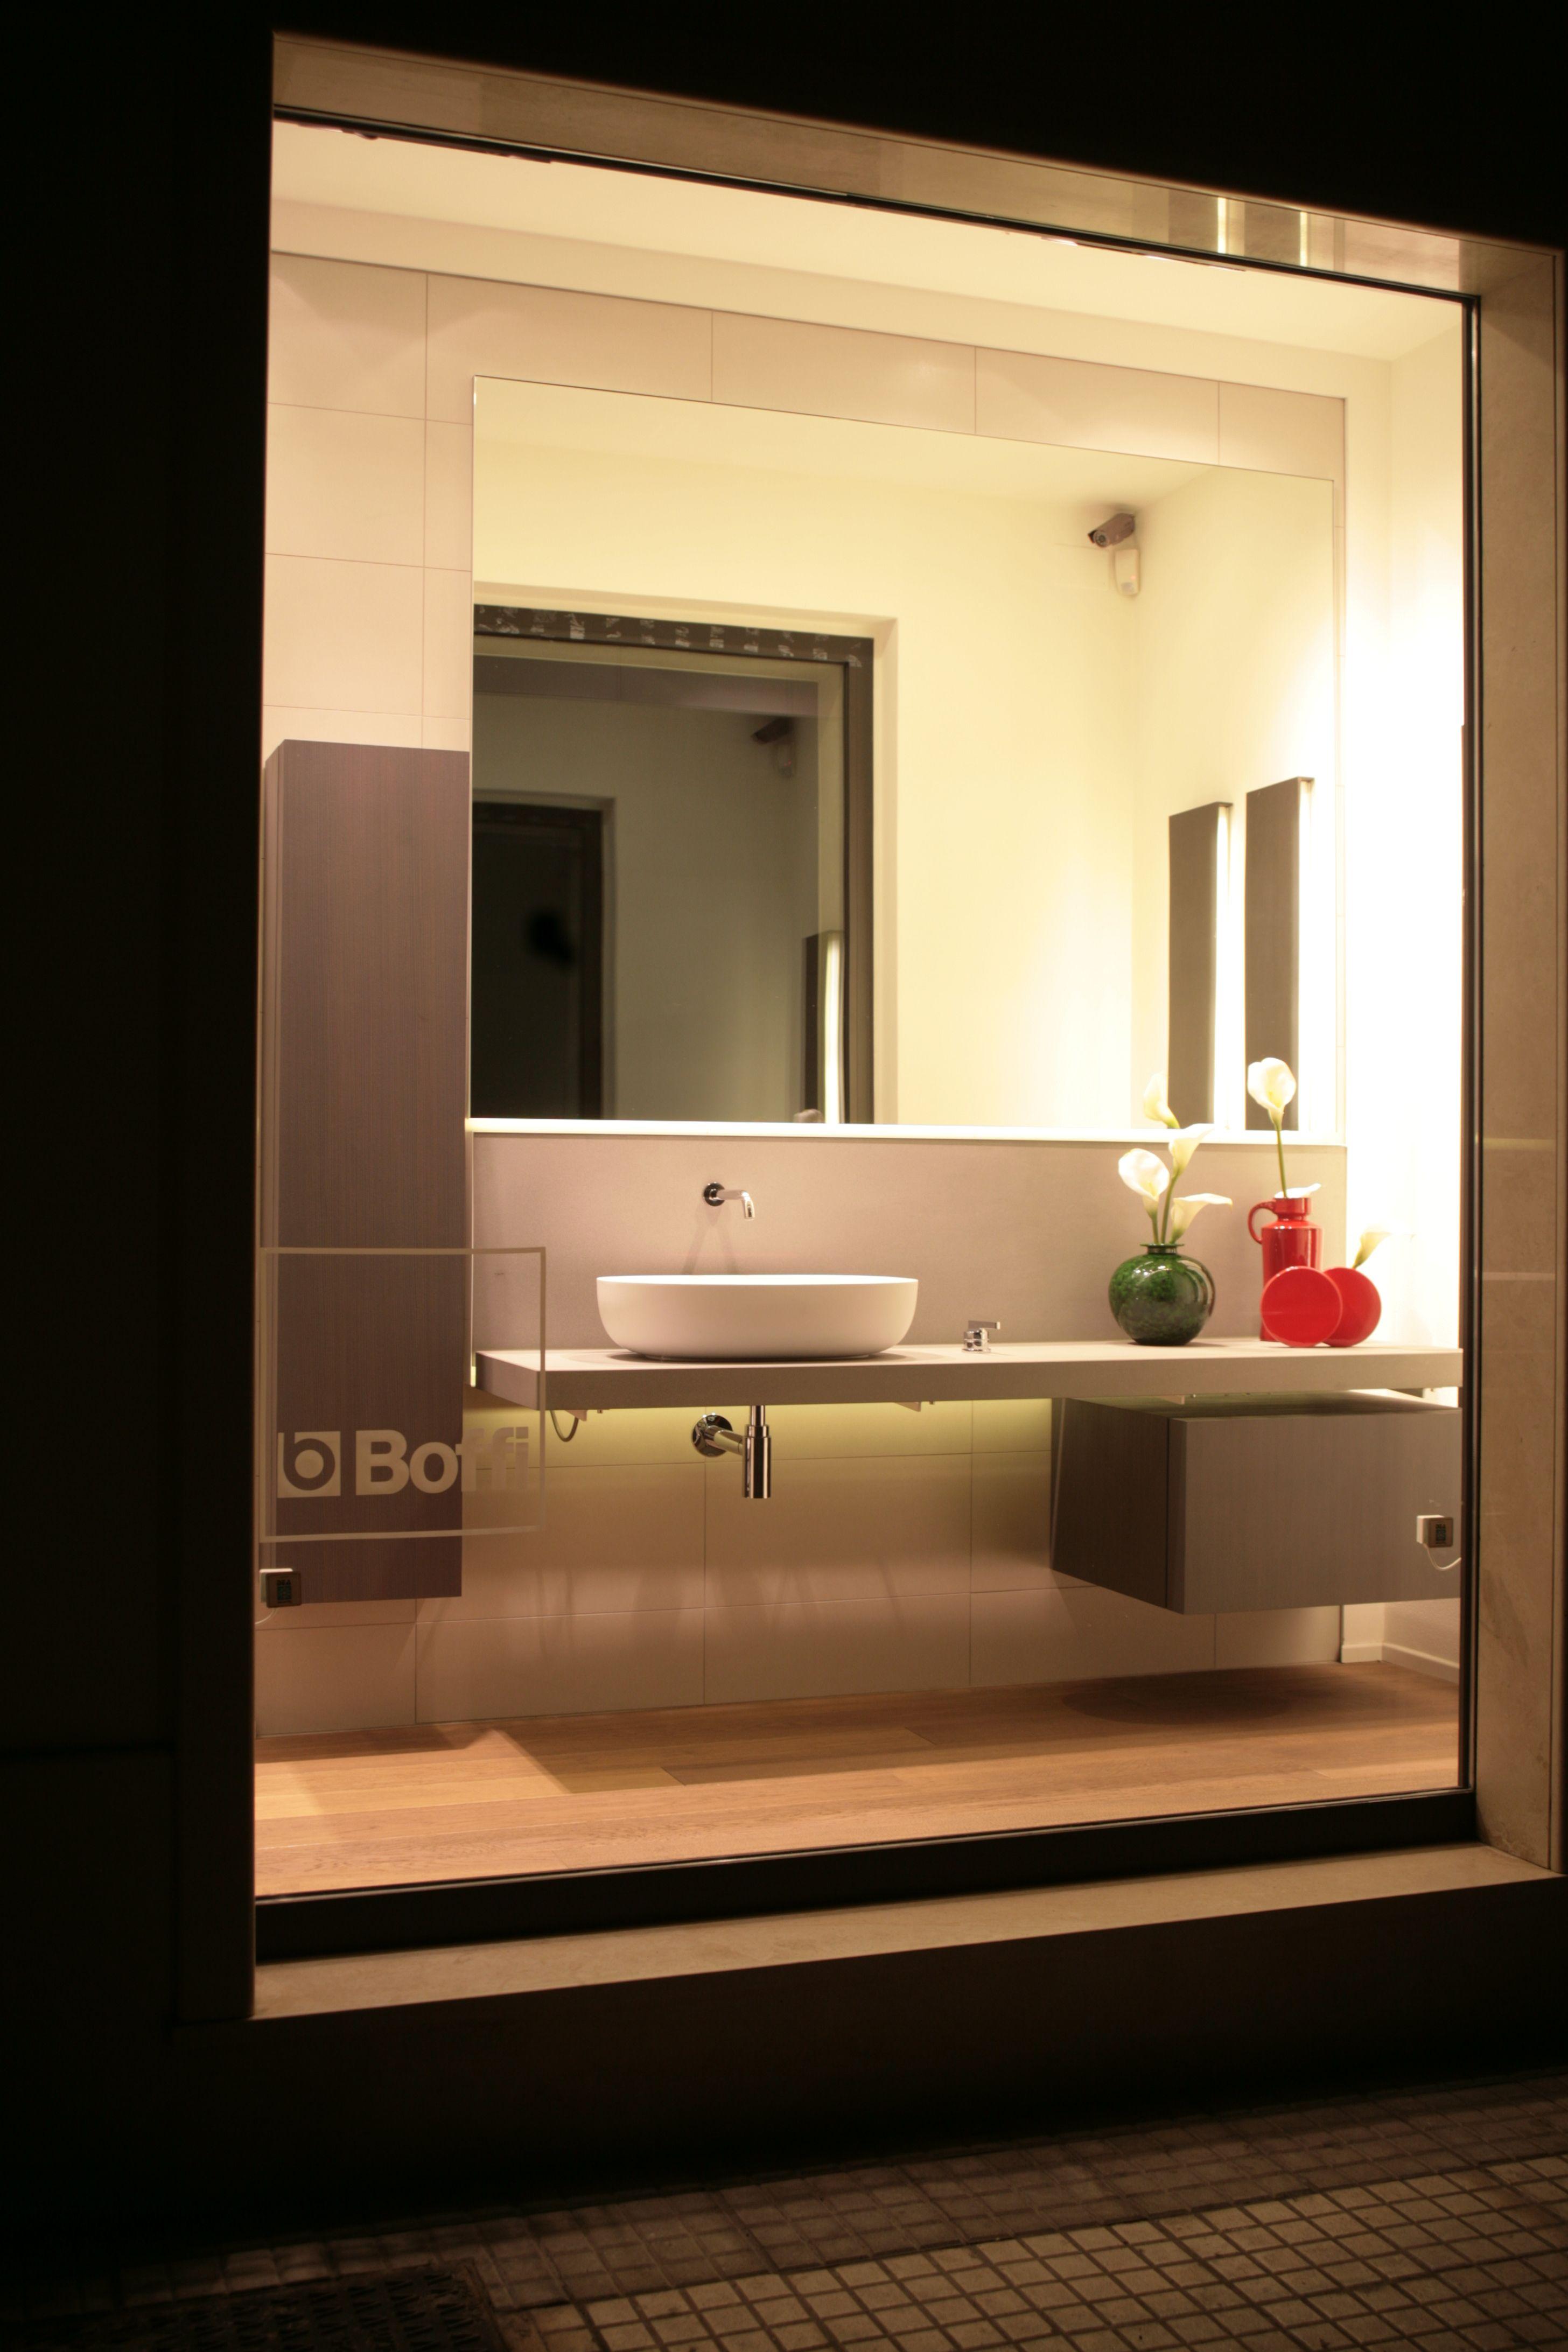 Vetrina showroom mobili da bagno accessori da bagno pavimenti - Mobili da bagno in legno ...